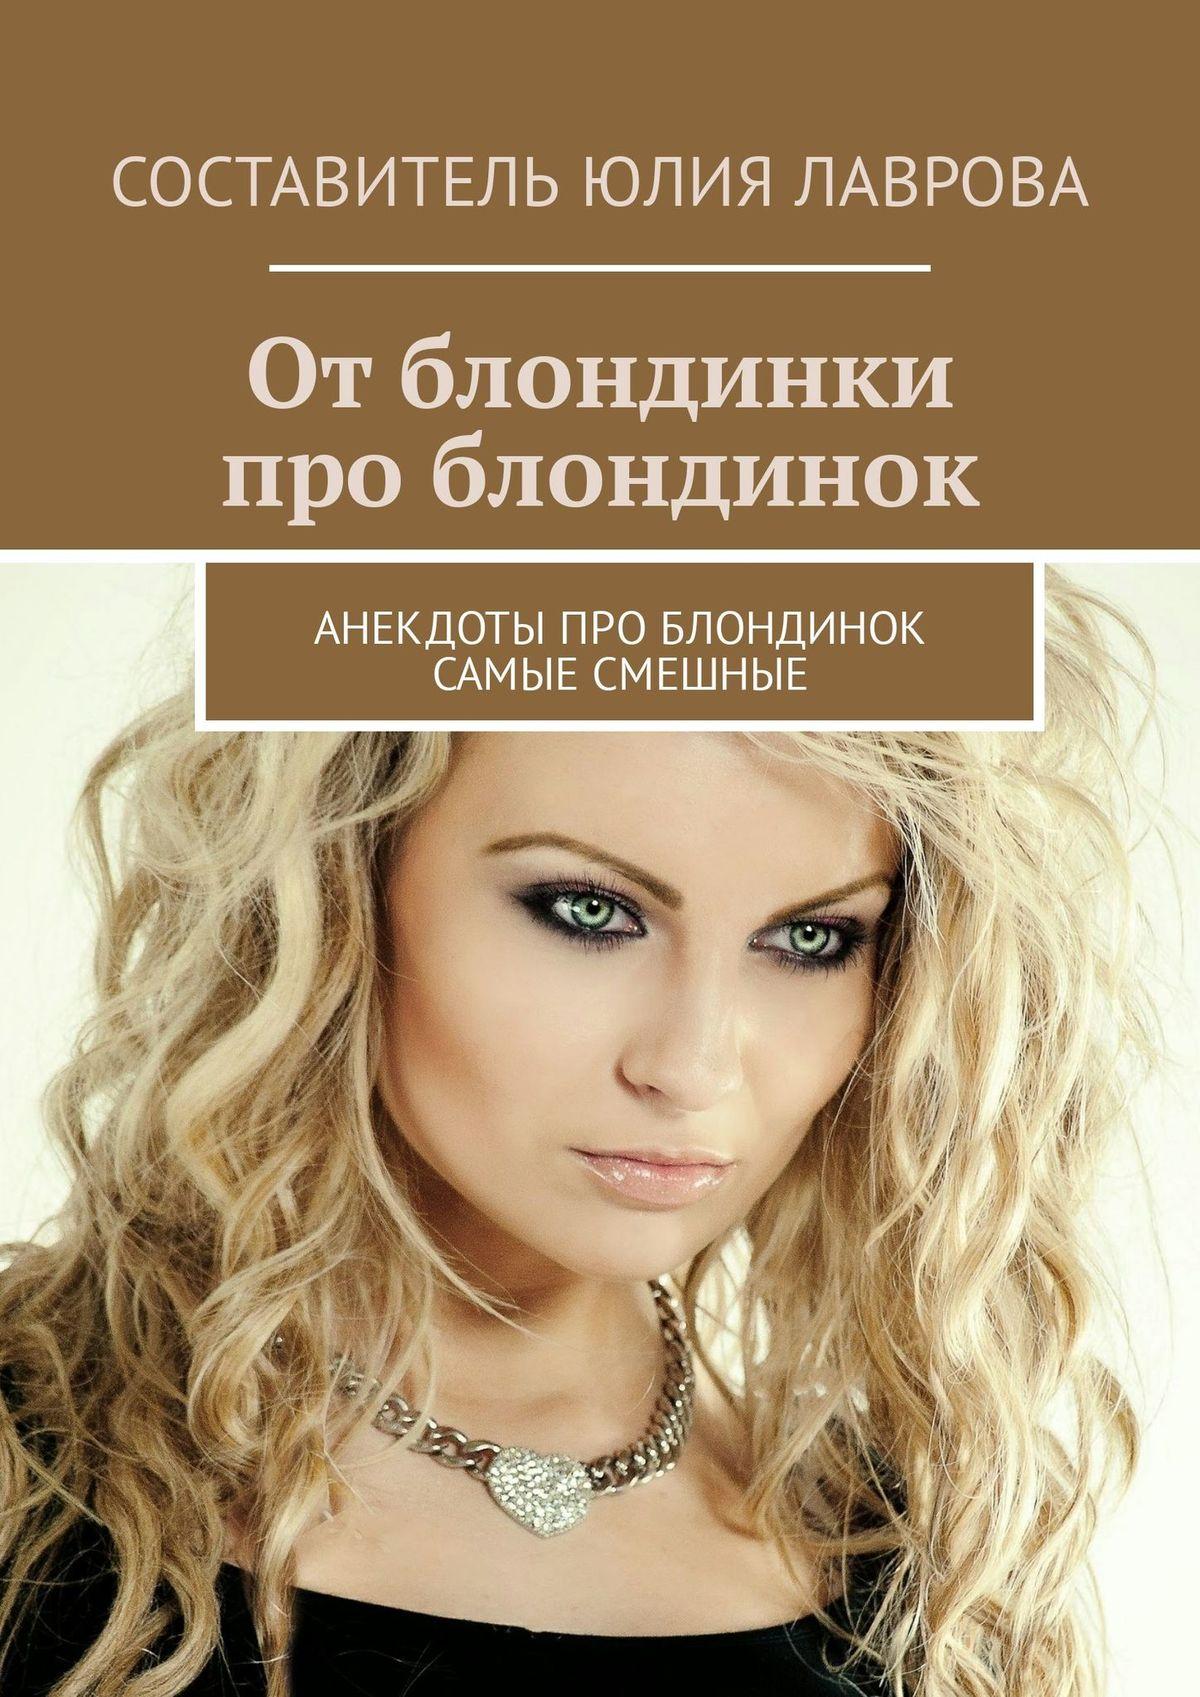 Юлия Лаврова От блондинки проблондинок. Анекдоты про блондинок самые смешные ленина л реванш блондинки анекдоты про брюнеток